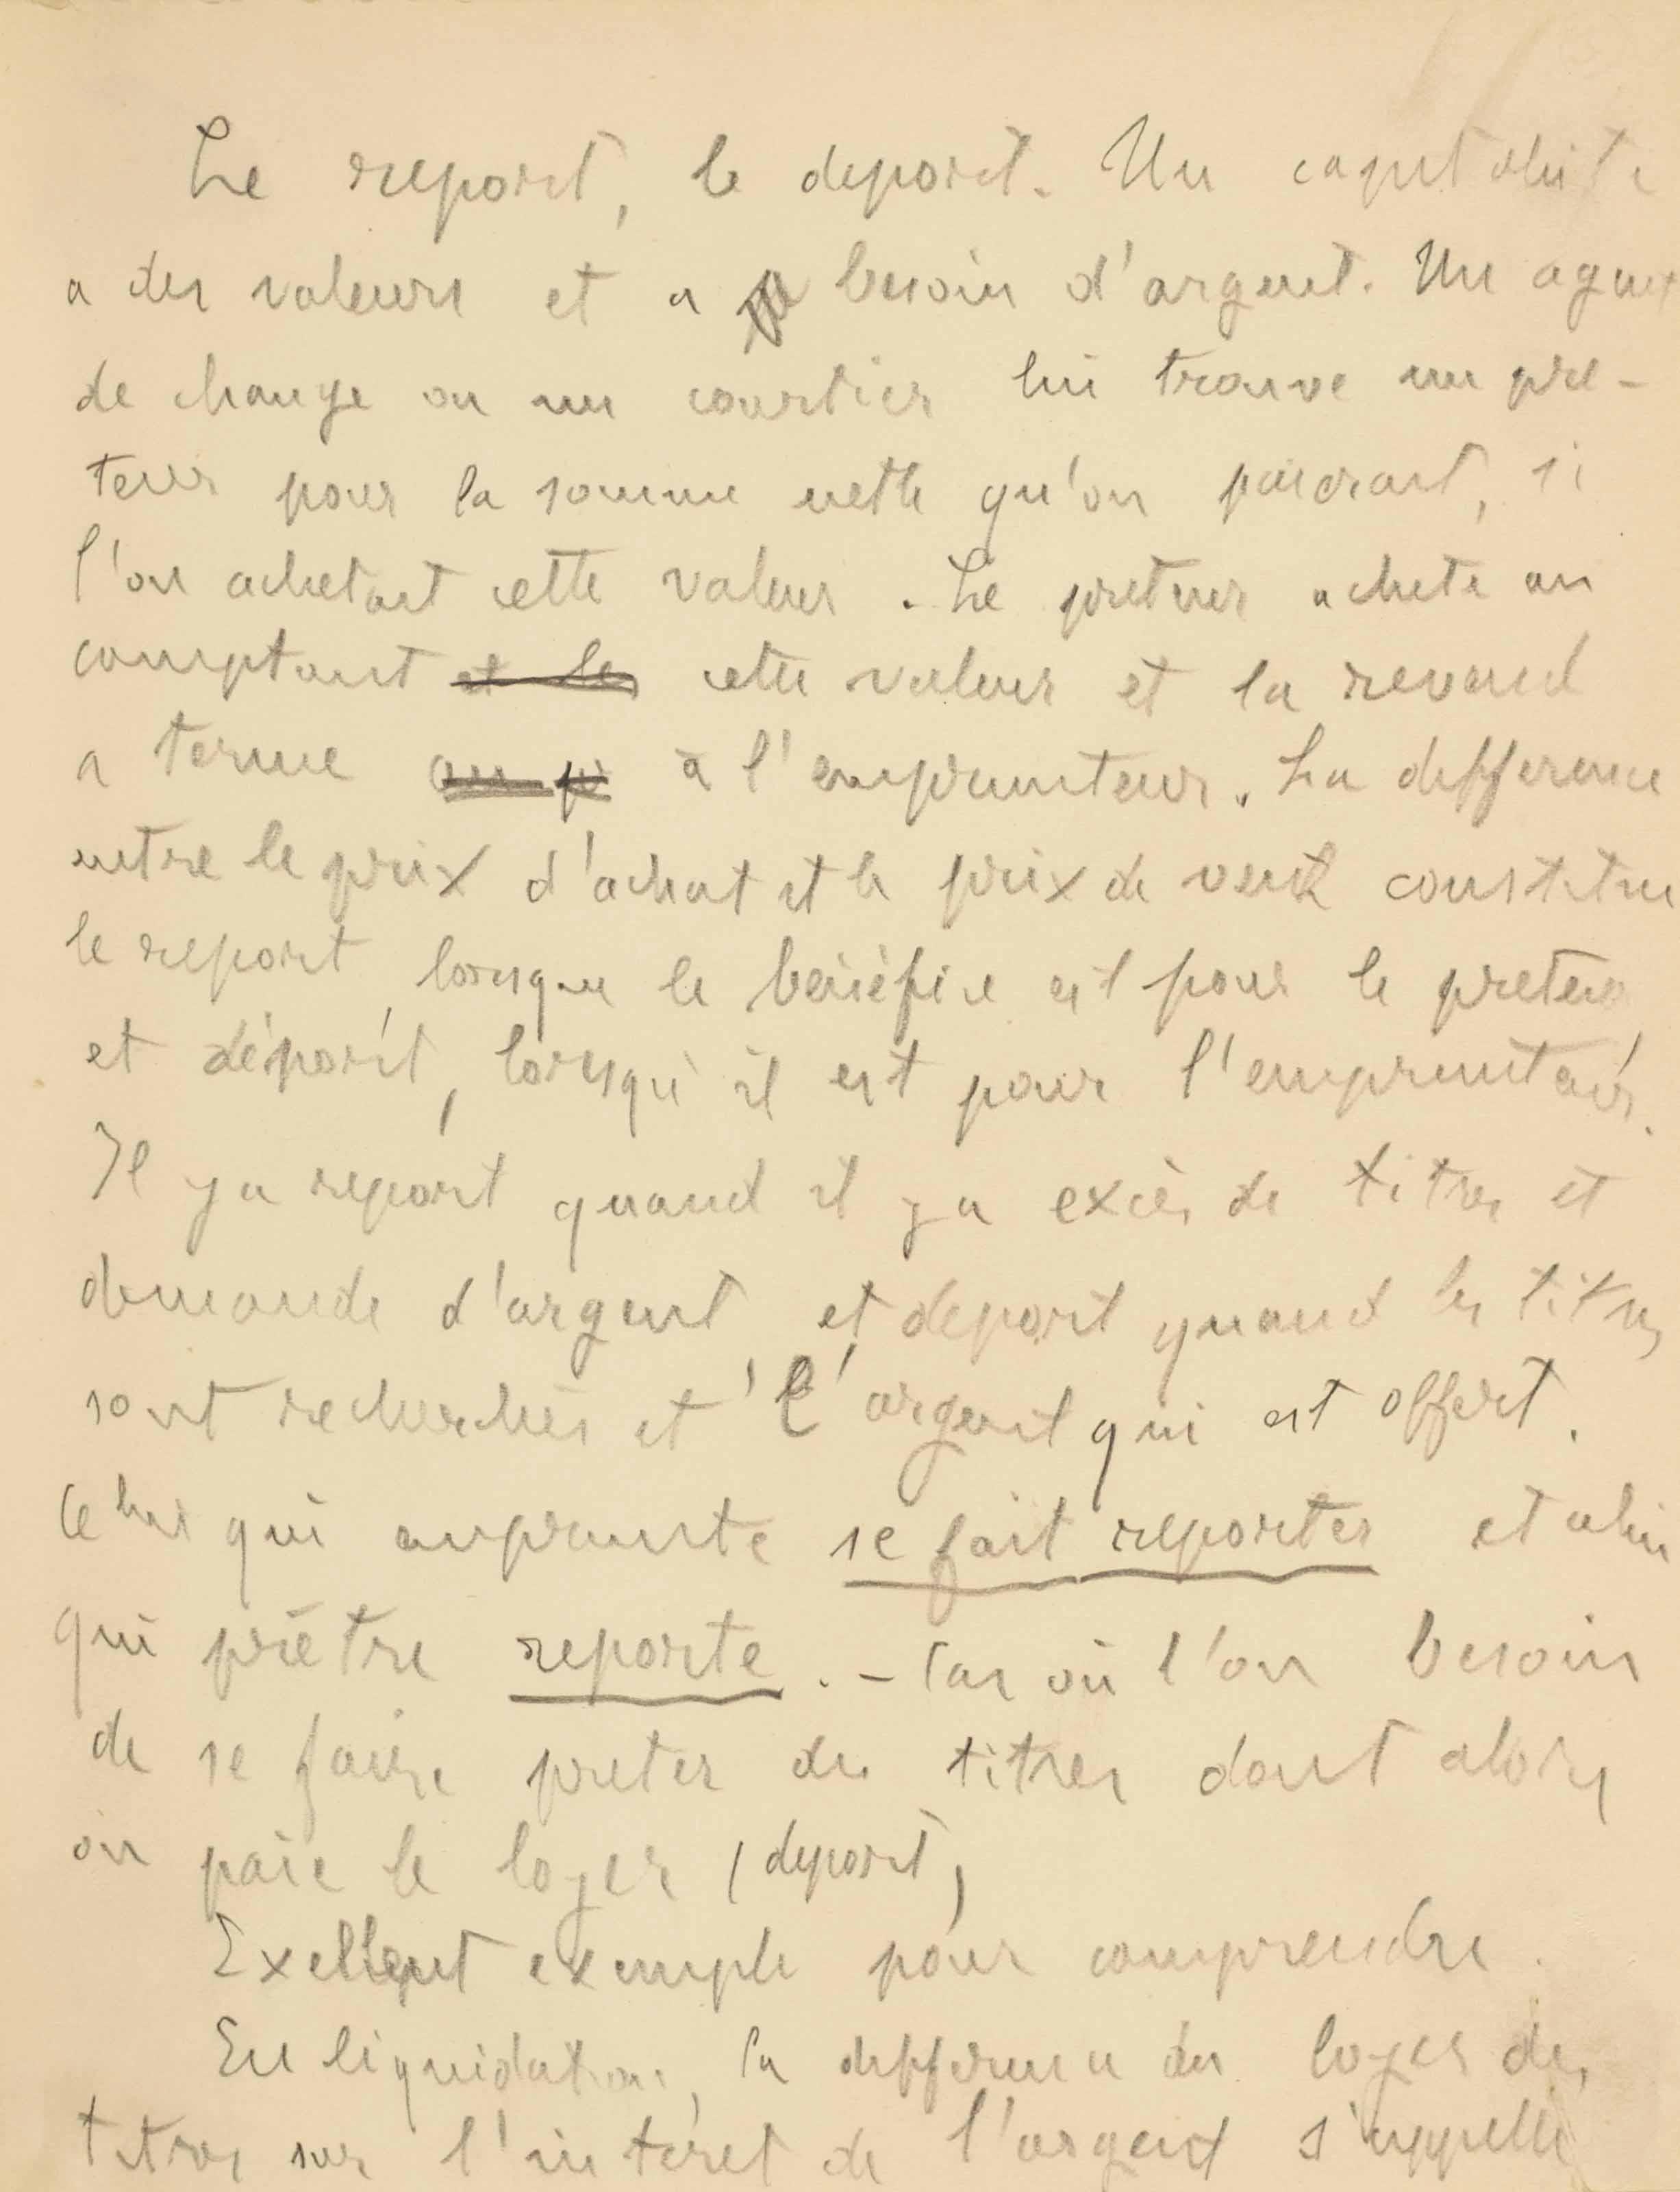 ZOLA, Émile (1840-1902). L'Argent. Brouillons et notes autographes, 18 feuillets in-8 (200 x 155 mm) rédigés au crayon au recto, montés aux coins et insérés dans un album petit in-4 (222 x 178 mm), maroquin brun.